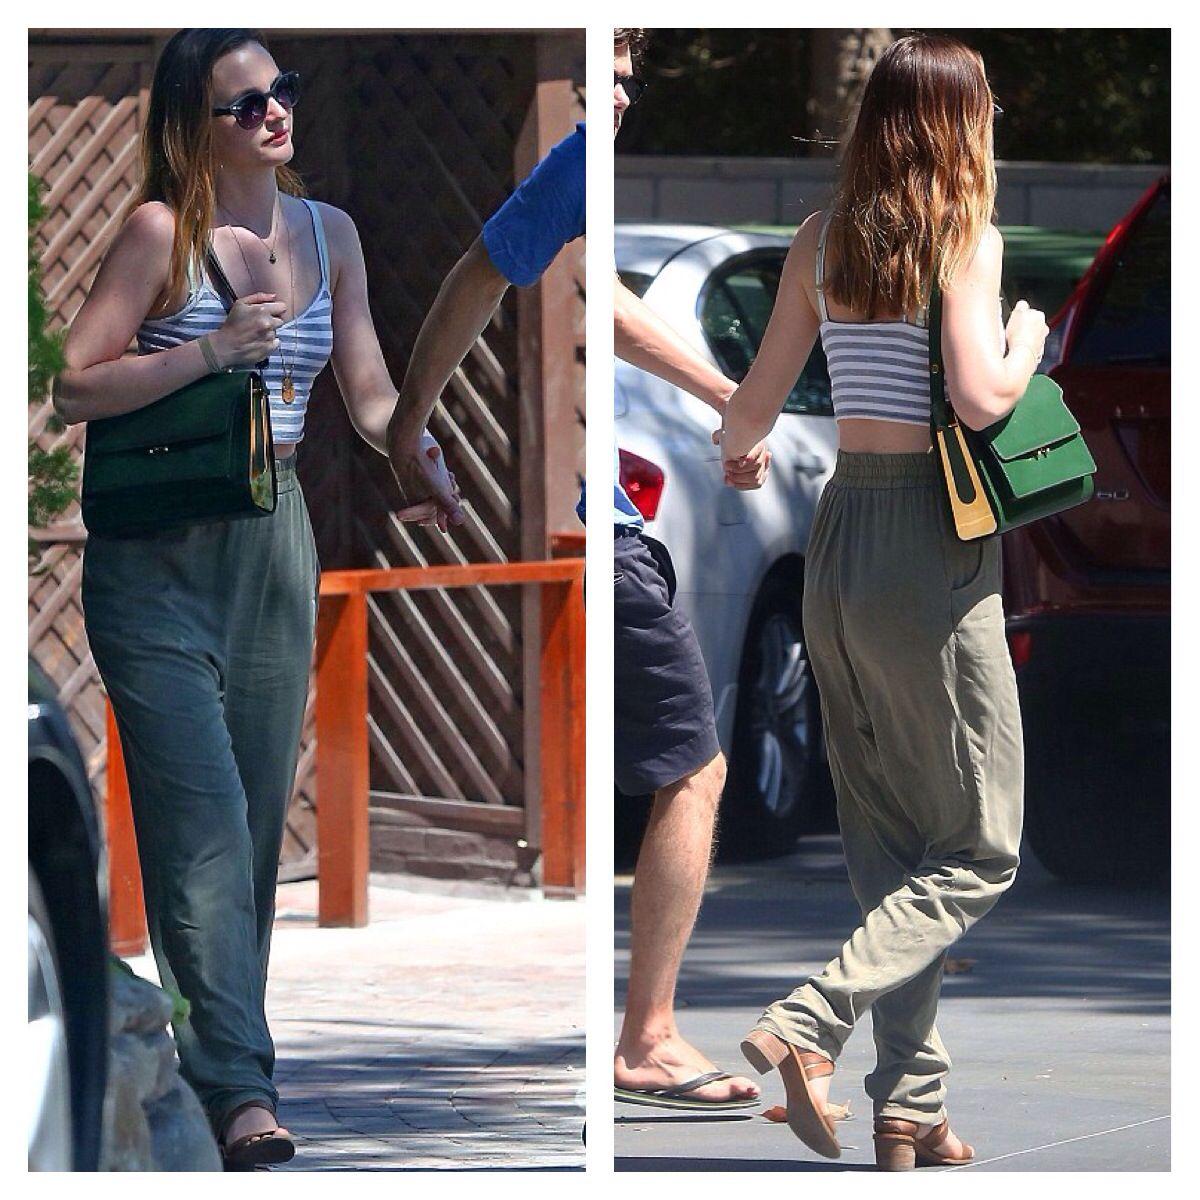 Leighton Meester - summer casual | Style inspiration - Leighton Meest ...